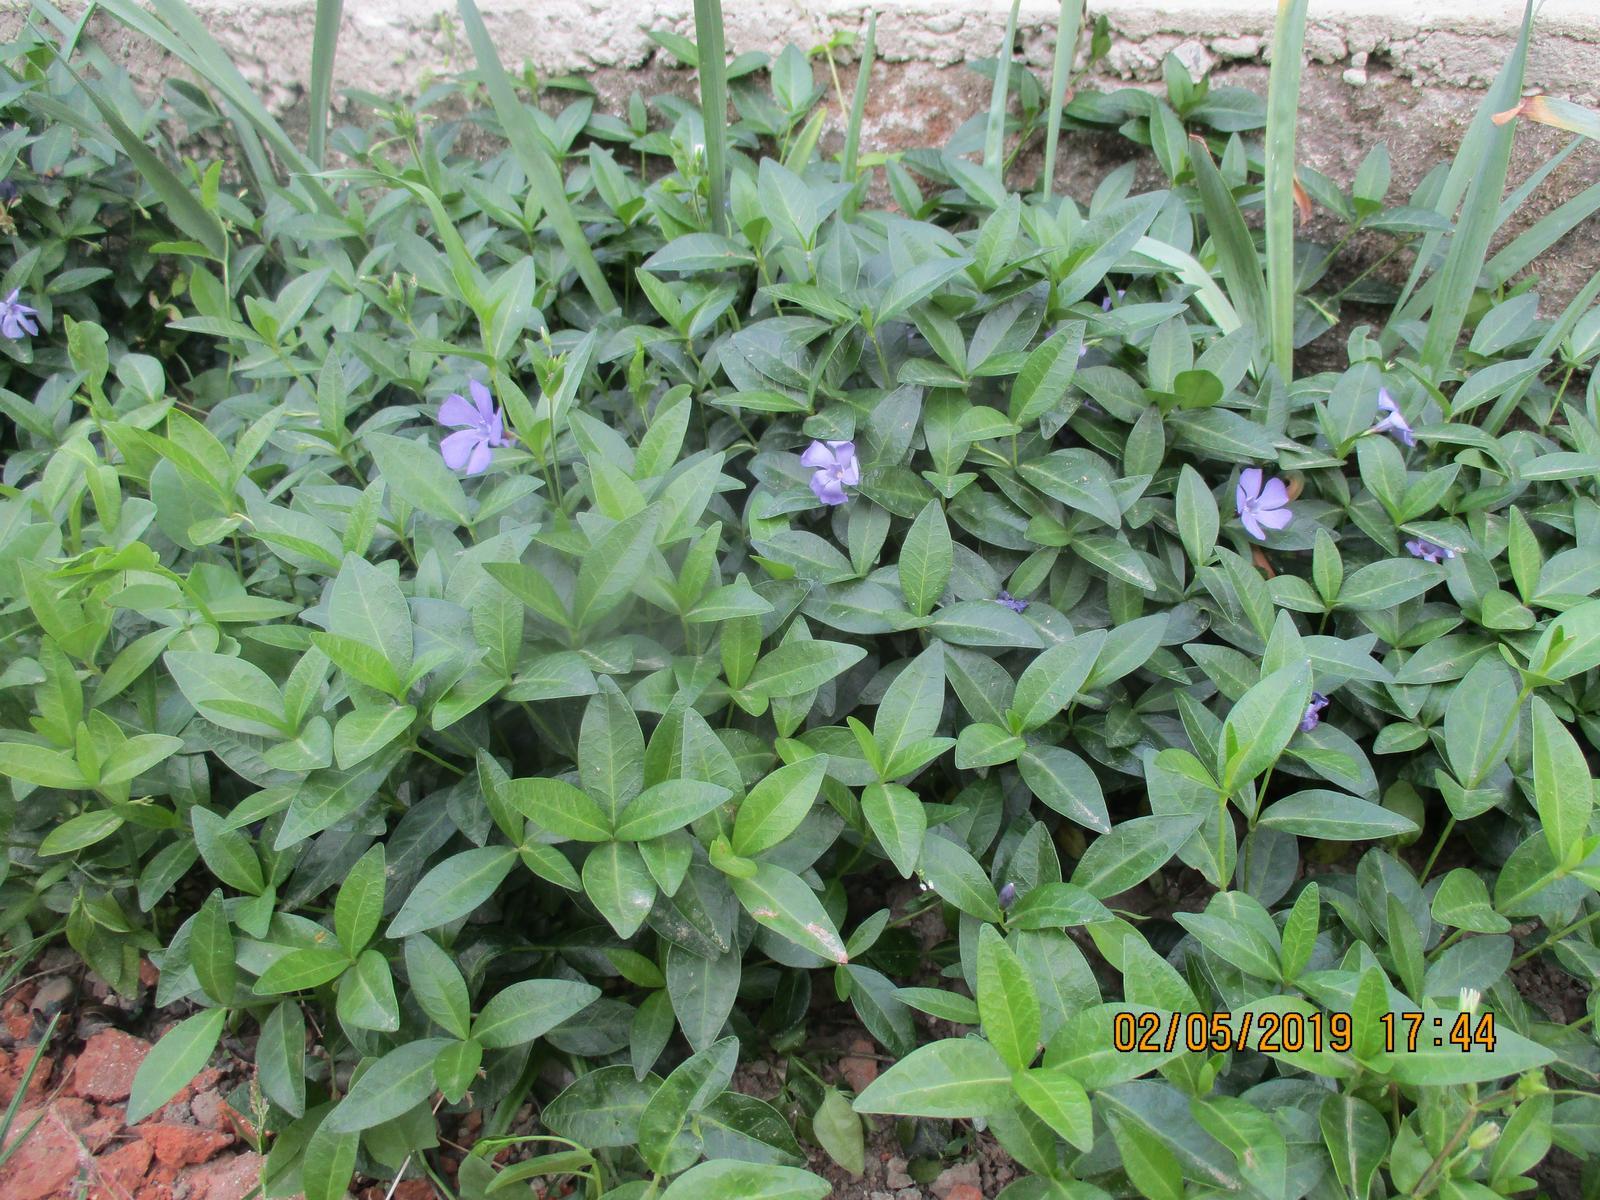 Zimozel fialovy - Obrázok č. 1